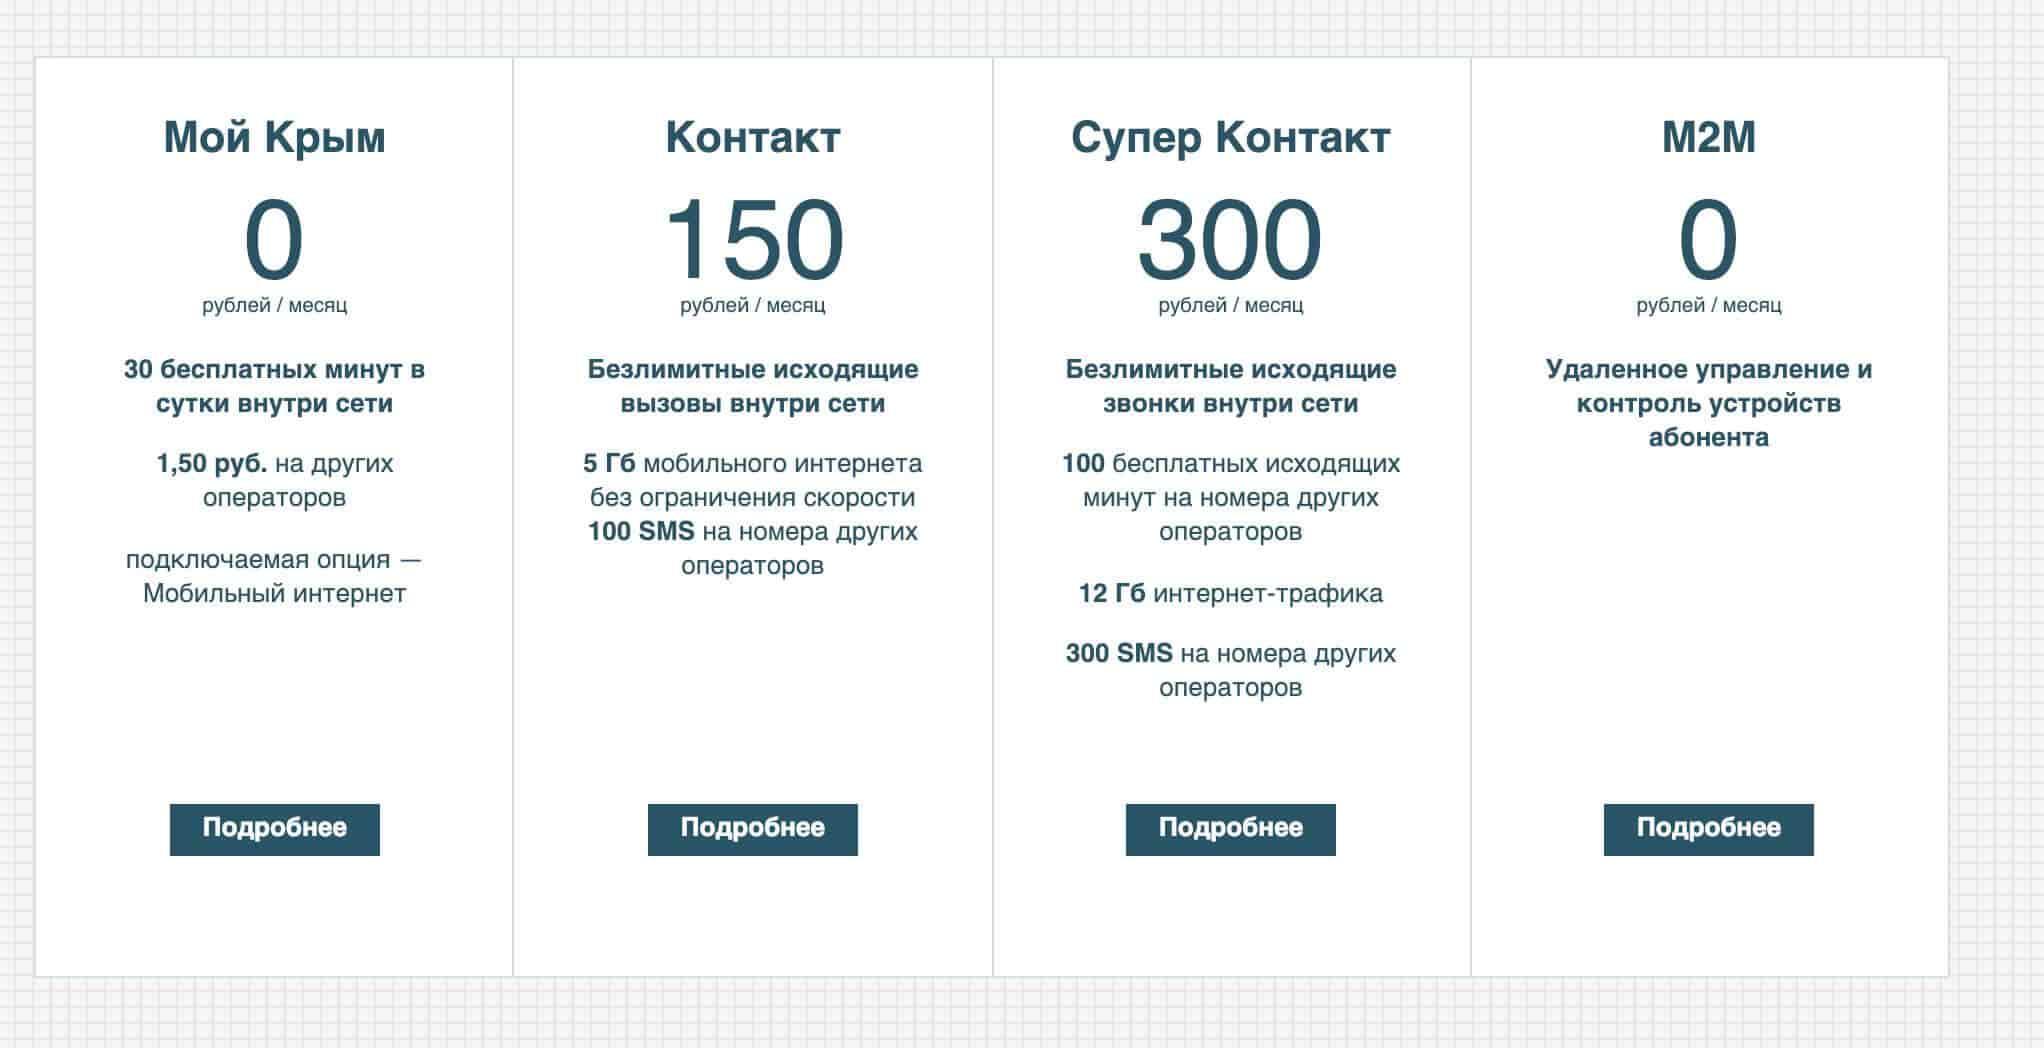 тарифы сотовых операторов сравнение